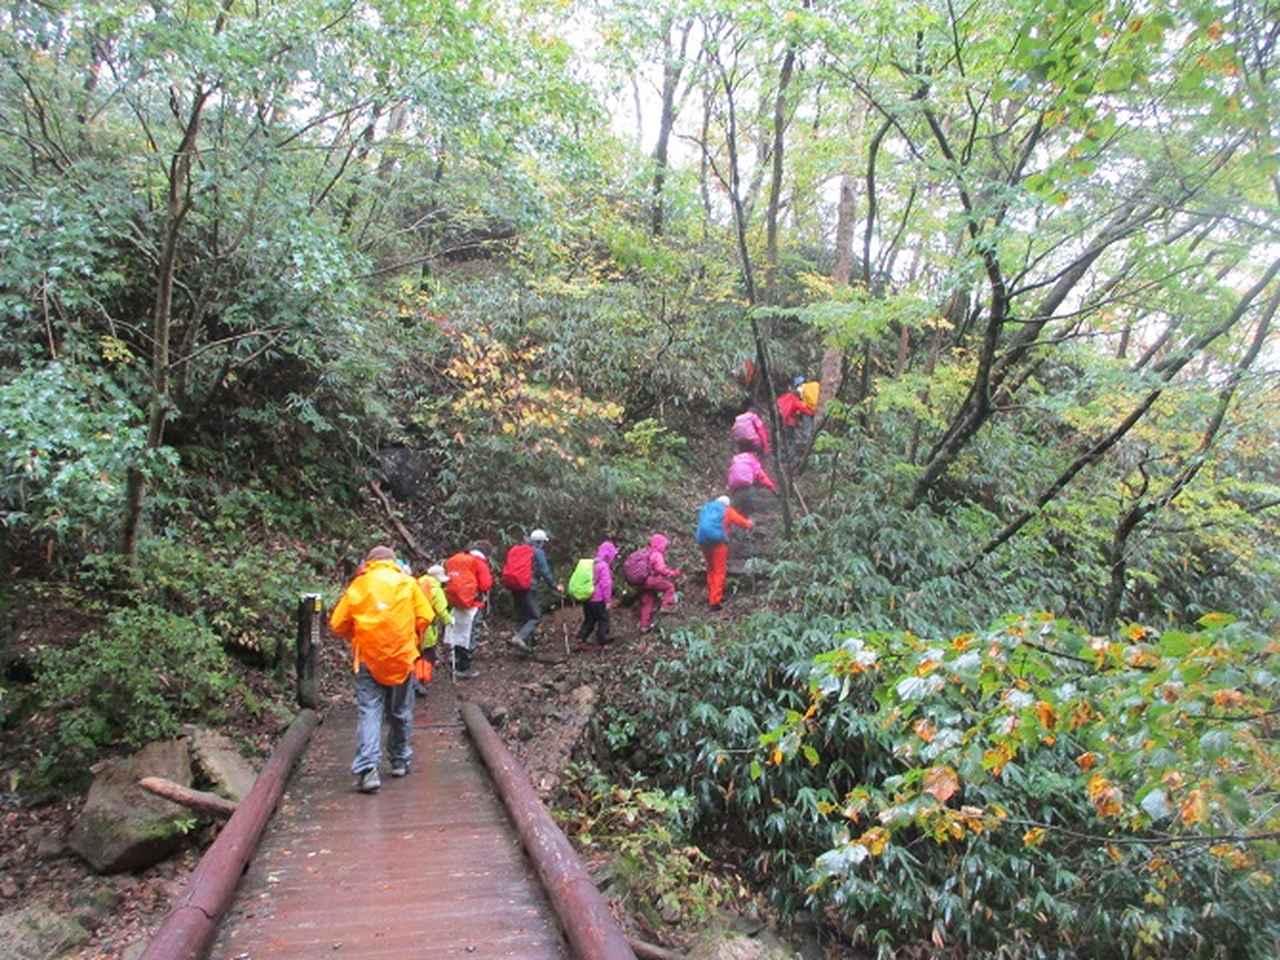 画像2: 10月10日より山旅会 「那須 茶臼岳と姥ヶ平」 ツアーにいってきました!